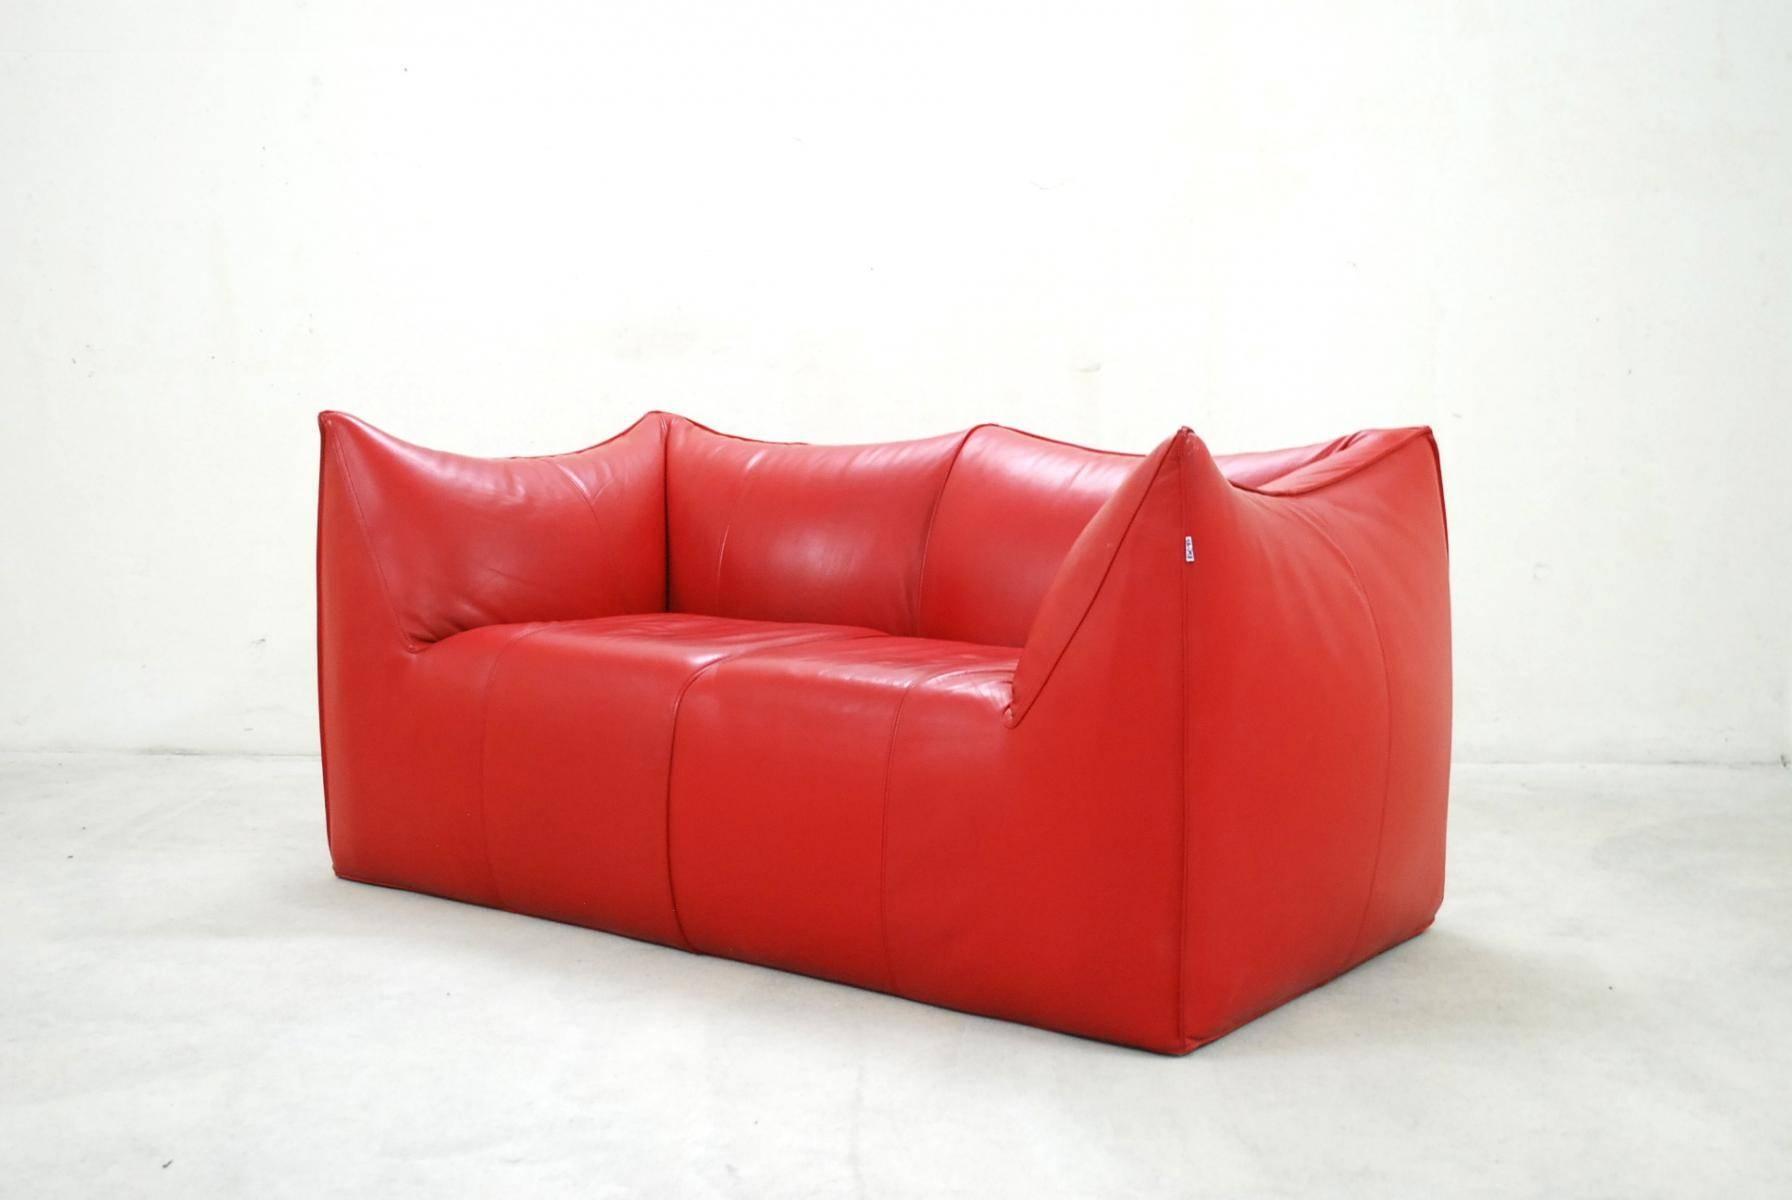 Italian Le Bambole Leather Sofamario Bellini For B&b Italia inside Bellini Couches (Image 3 of 15)